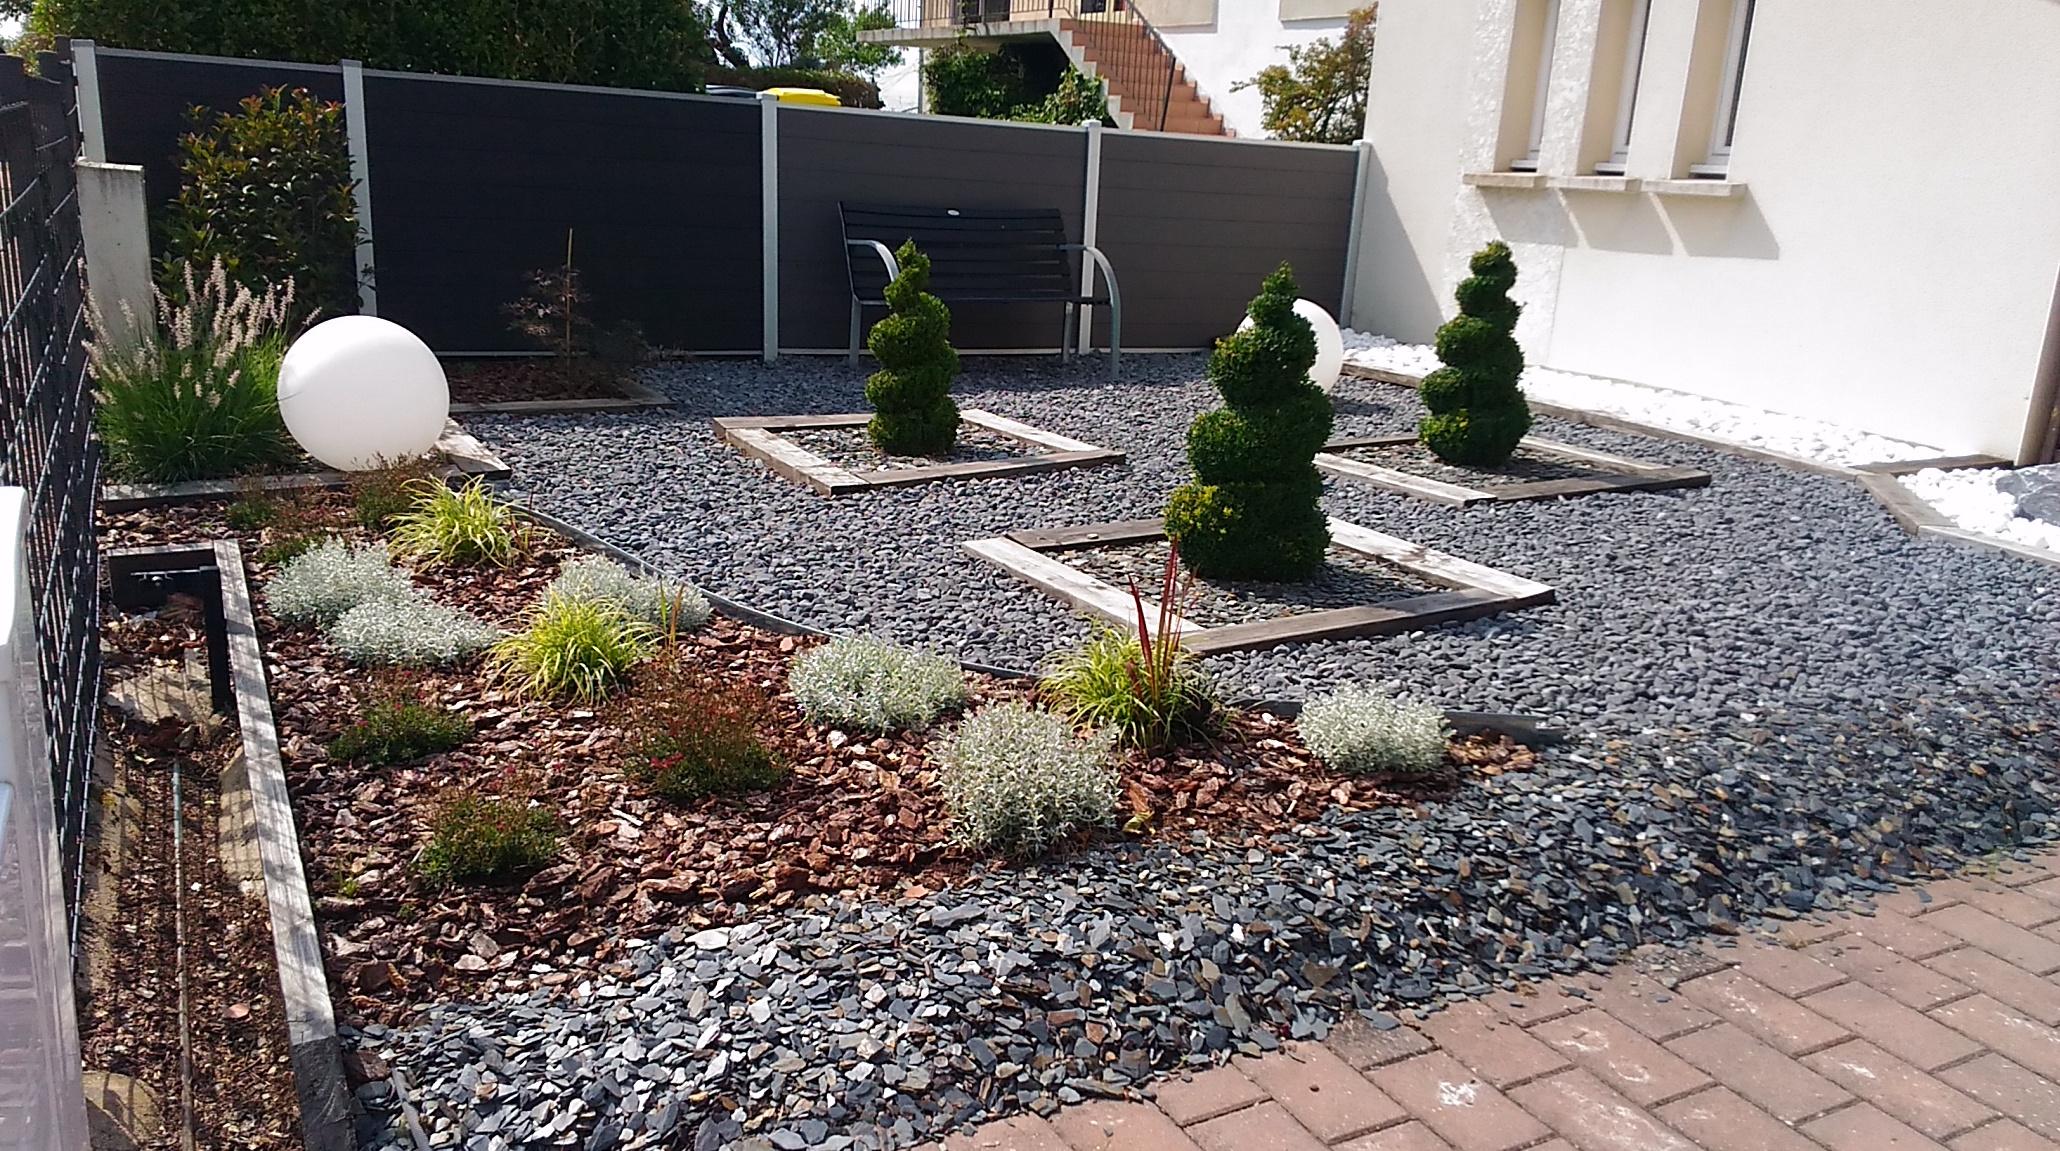 Poubelles Noires De Jardin jardin avant de maison - dedans dehors décoration, metz et